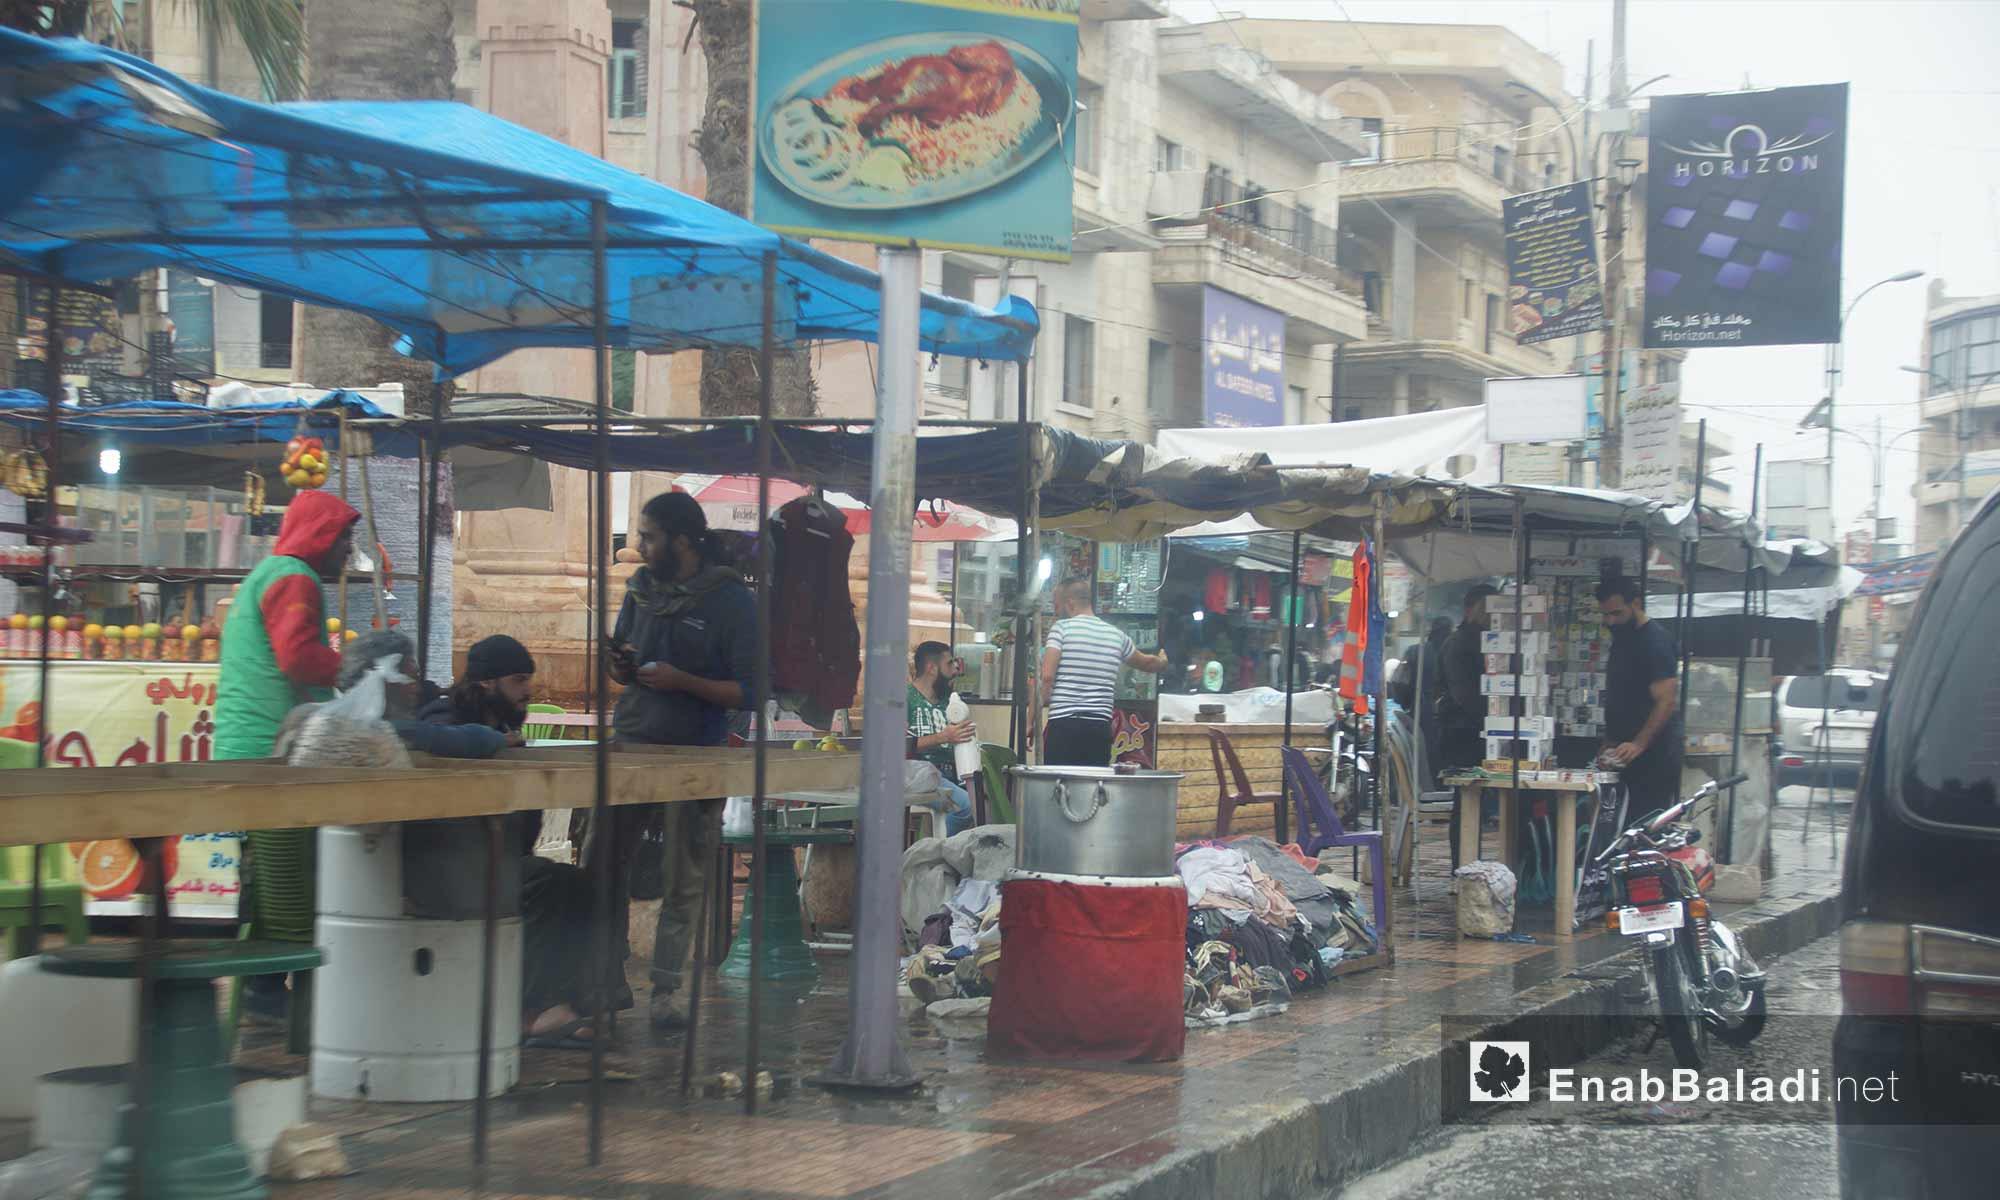 باعة جوالون تحت المطر في مدينة إدلب - 9 تشرين الأول 2017 (عنب بلدي)